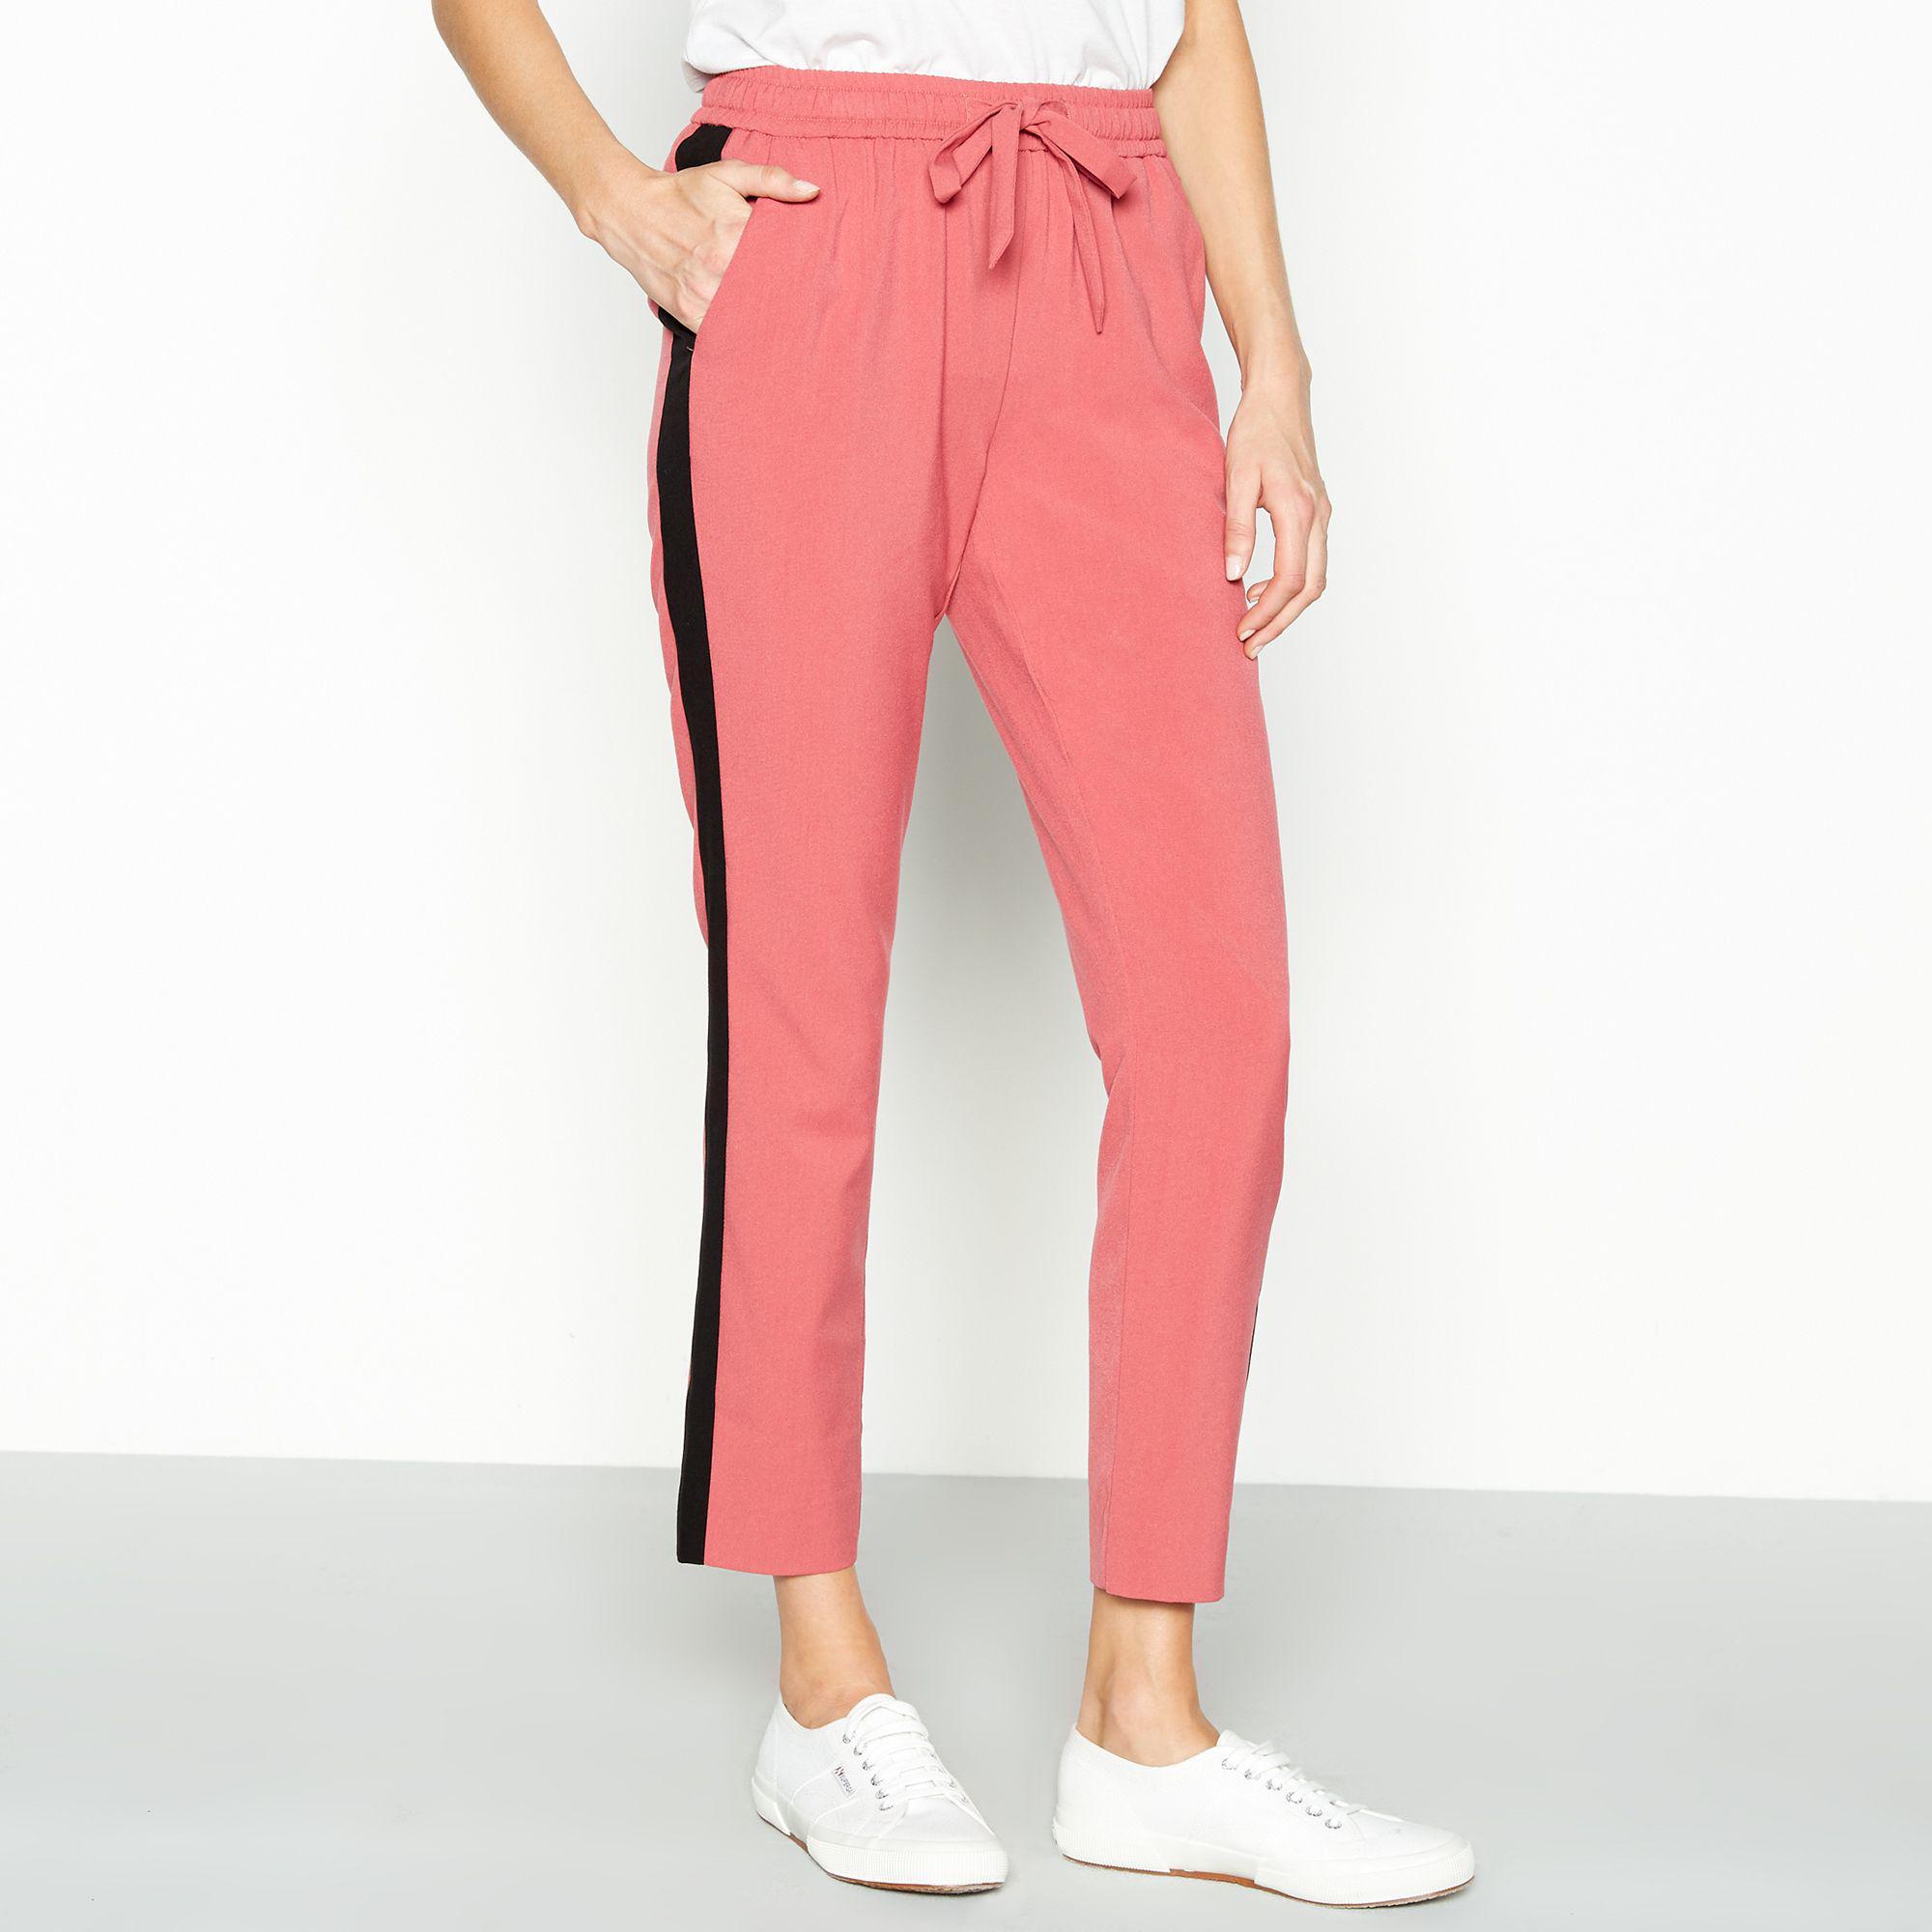 87db1d2d15d096 Vila Pink Striped Trim 'elov' Jogger Trousers in Pink - Lyst